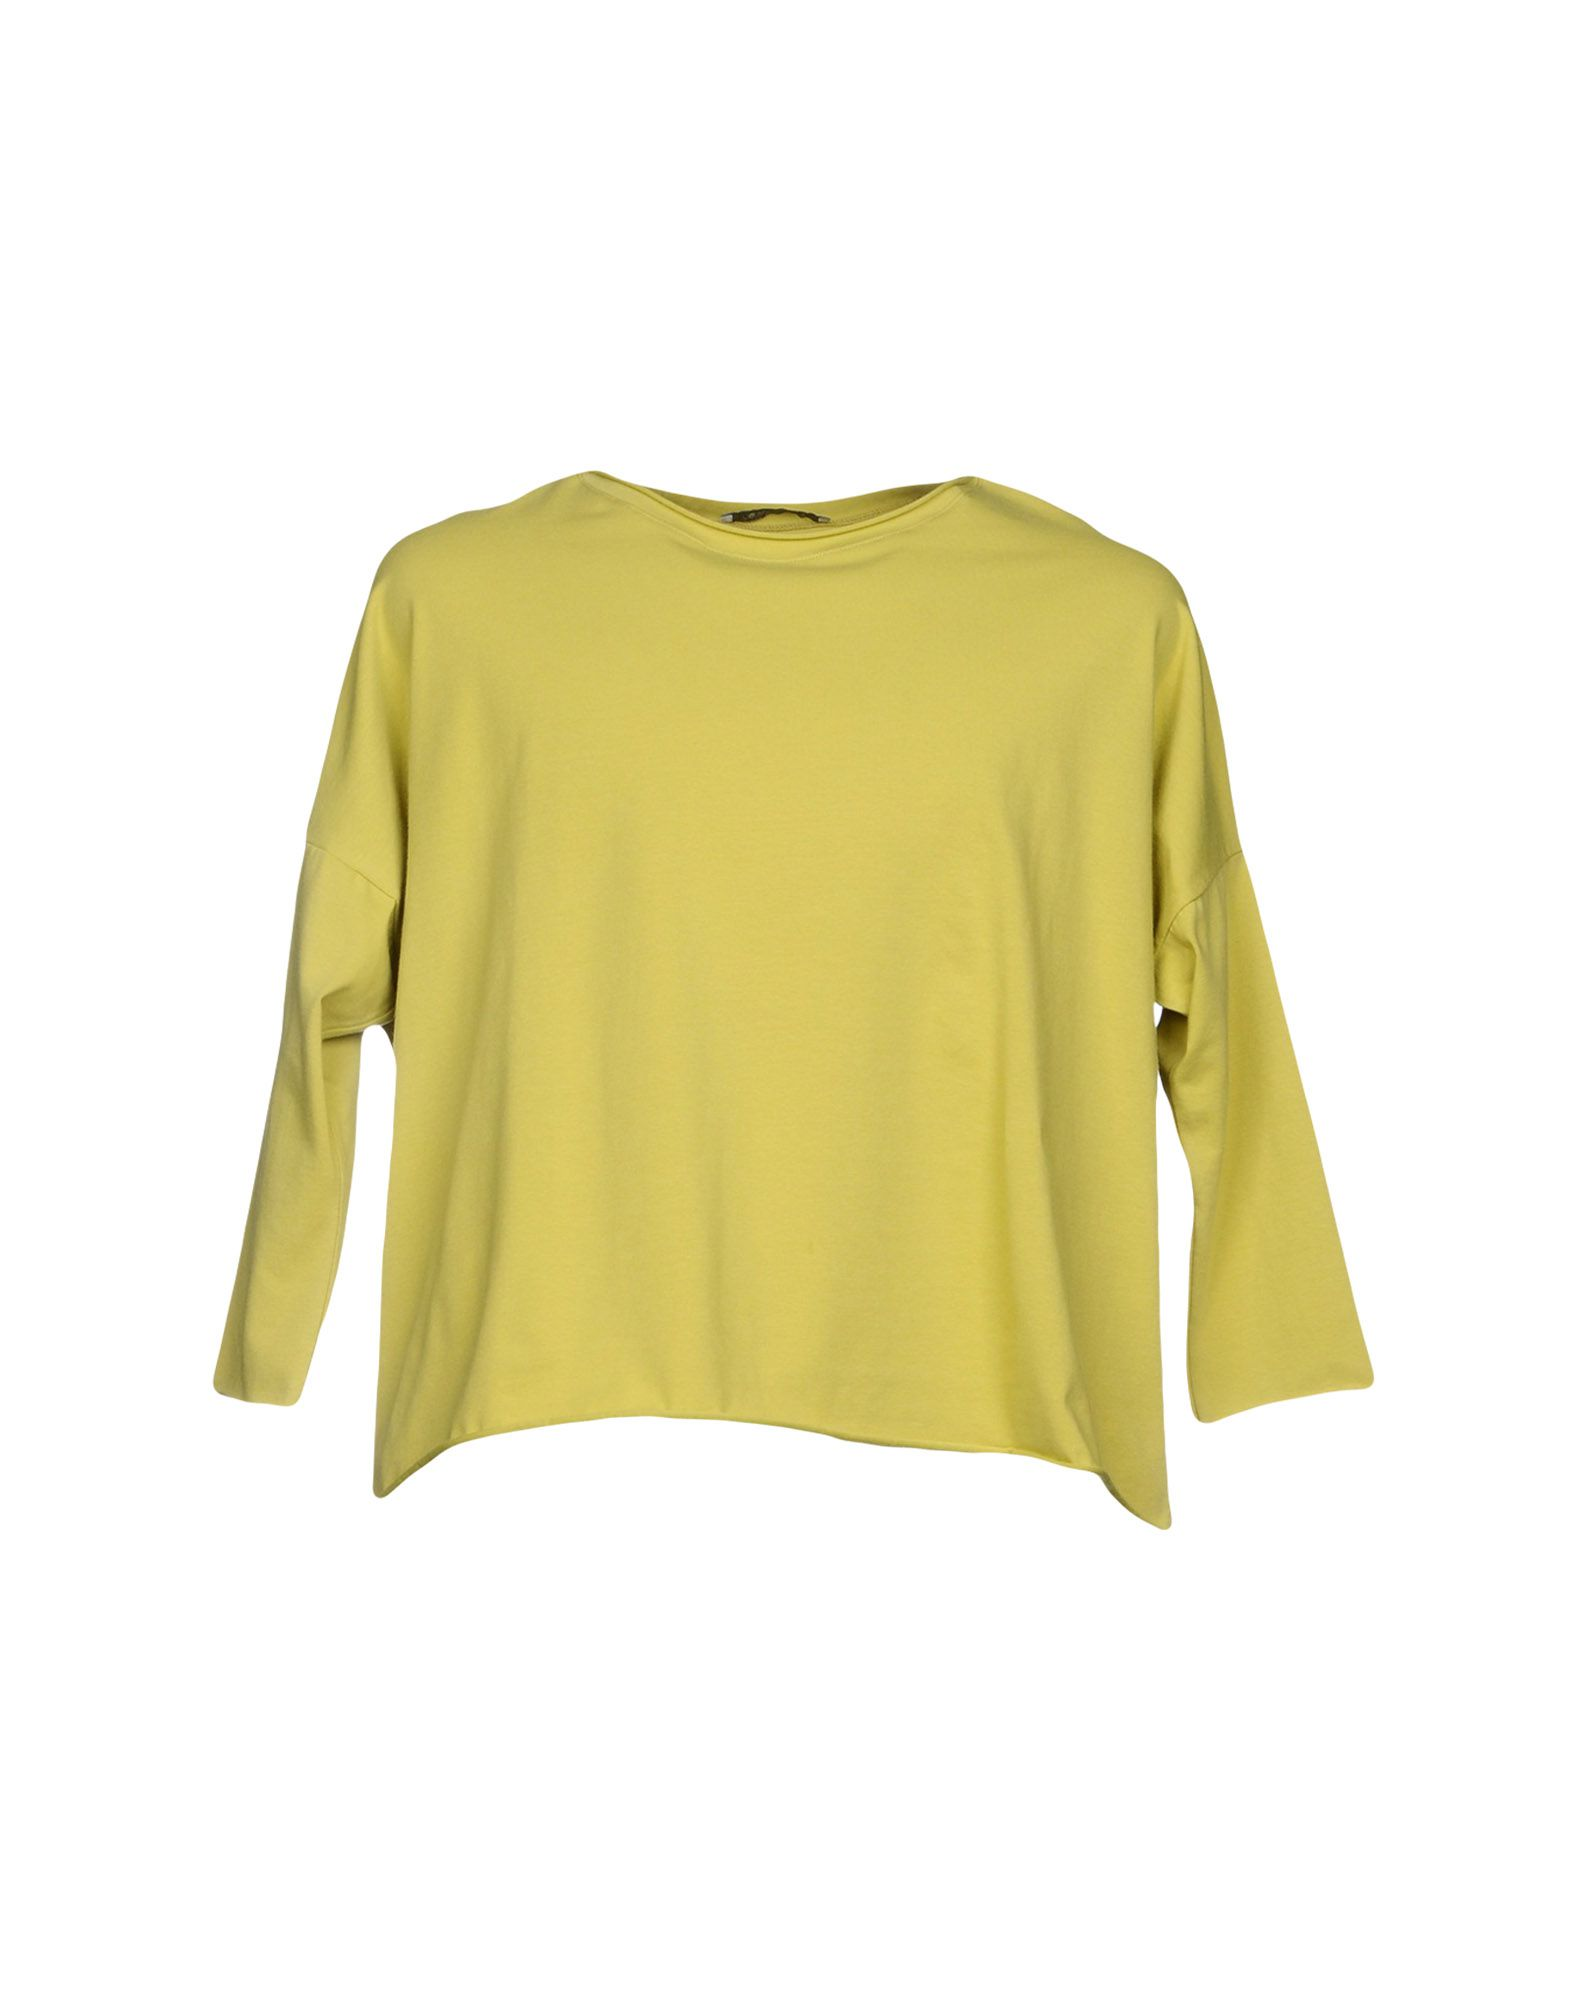 A buon mercato A A mercato buon mercato T-Shirt Laboratorio Uomo - 12127713TO 82fce0